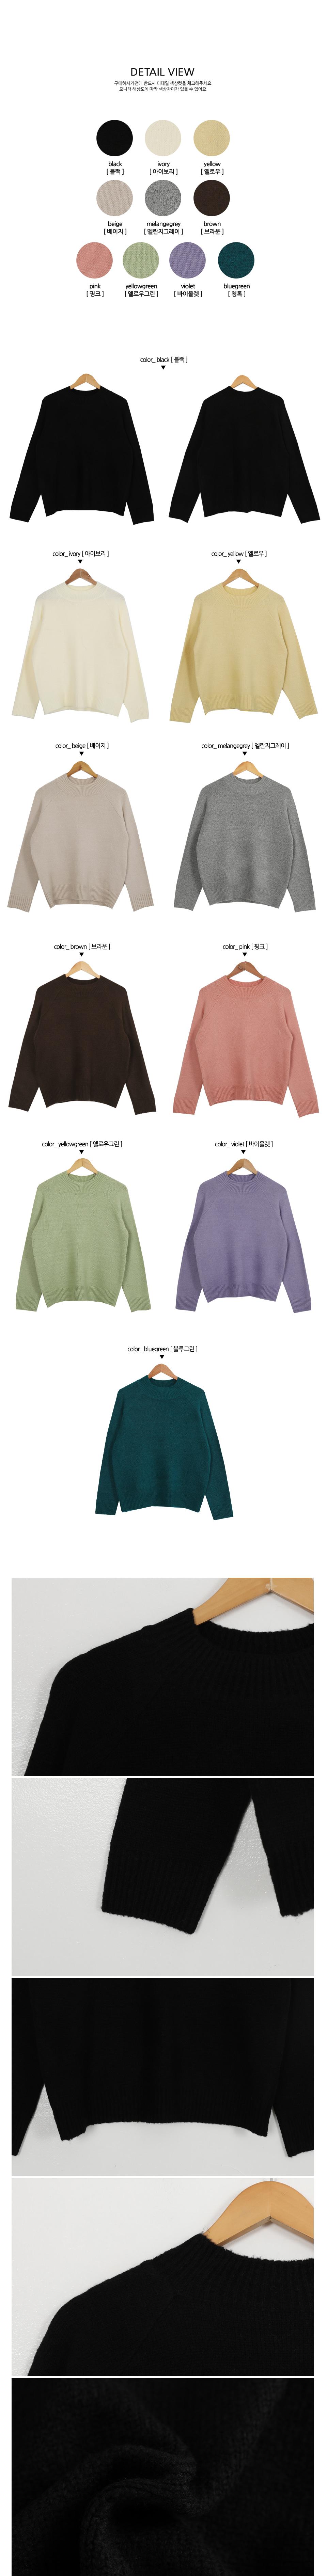 Melingvan Turtleneck Knitwear